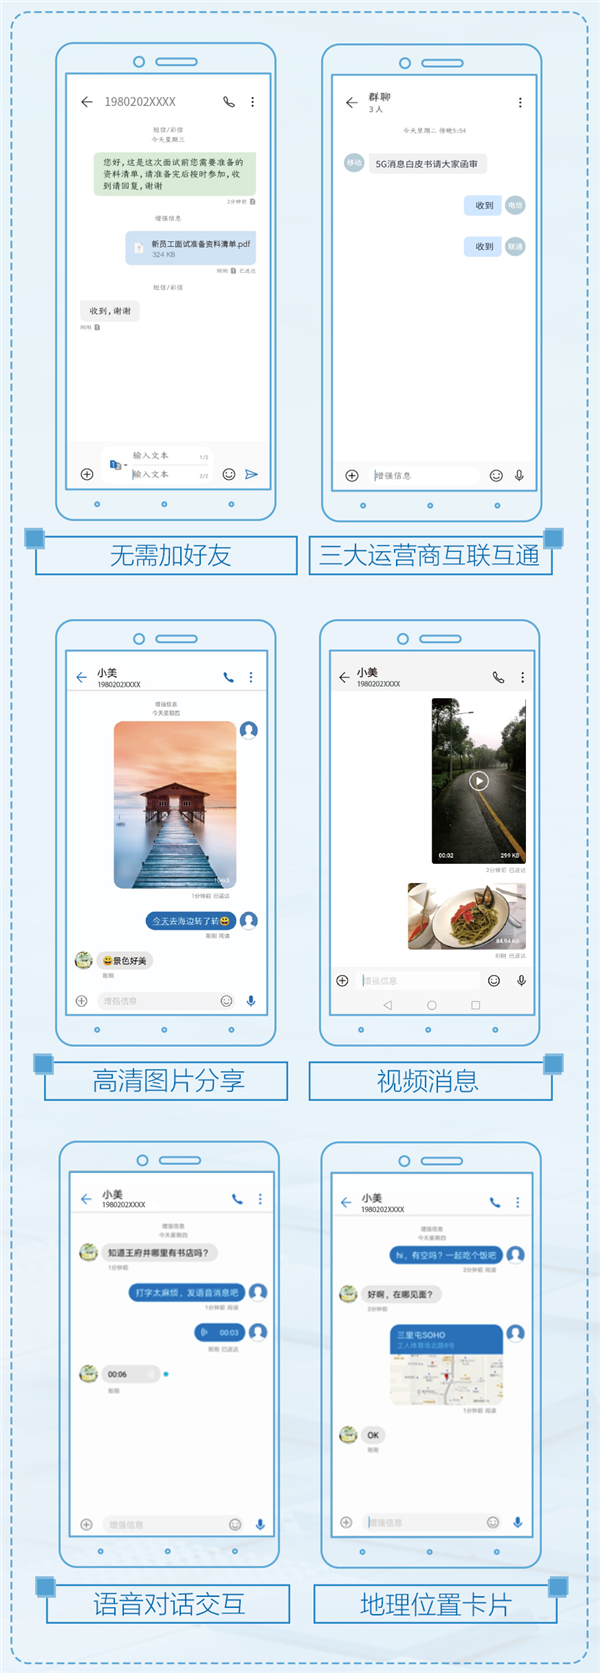 中移动联通电信联合11家手机制造商推出5G消息应用颠覆传统短信-第1张